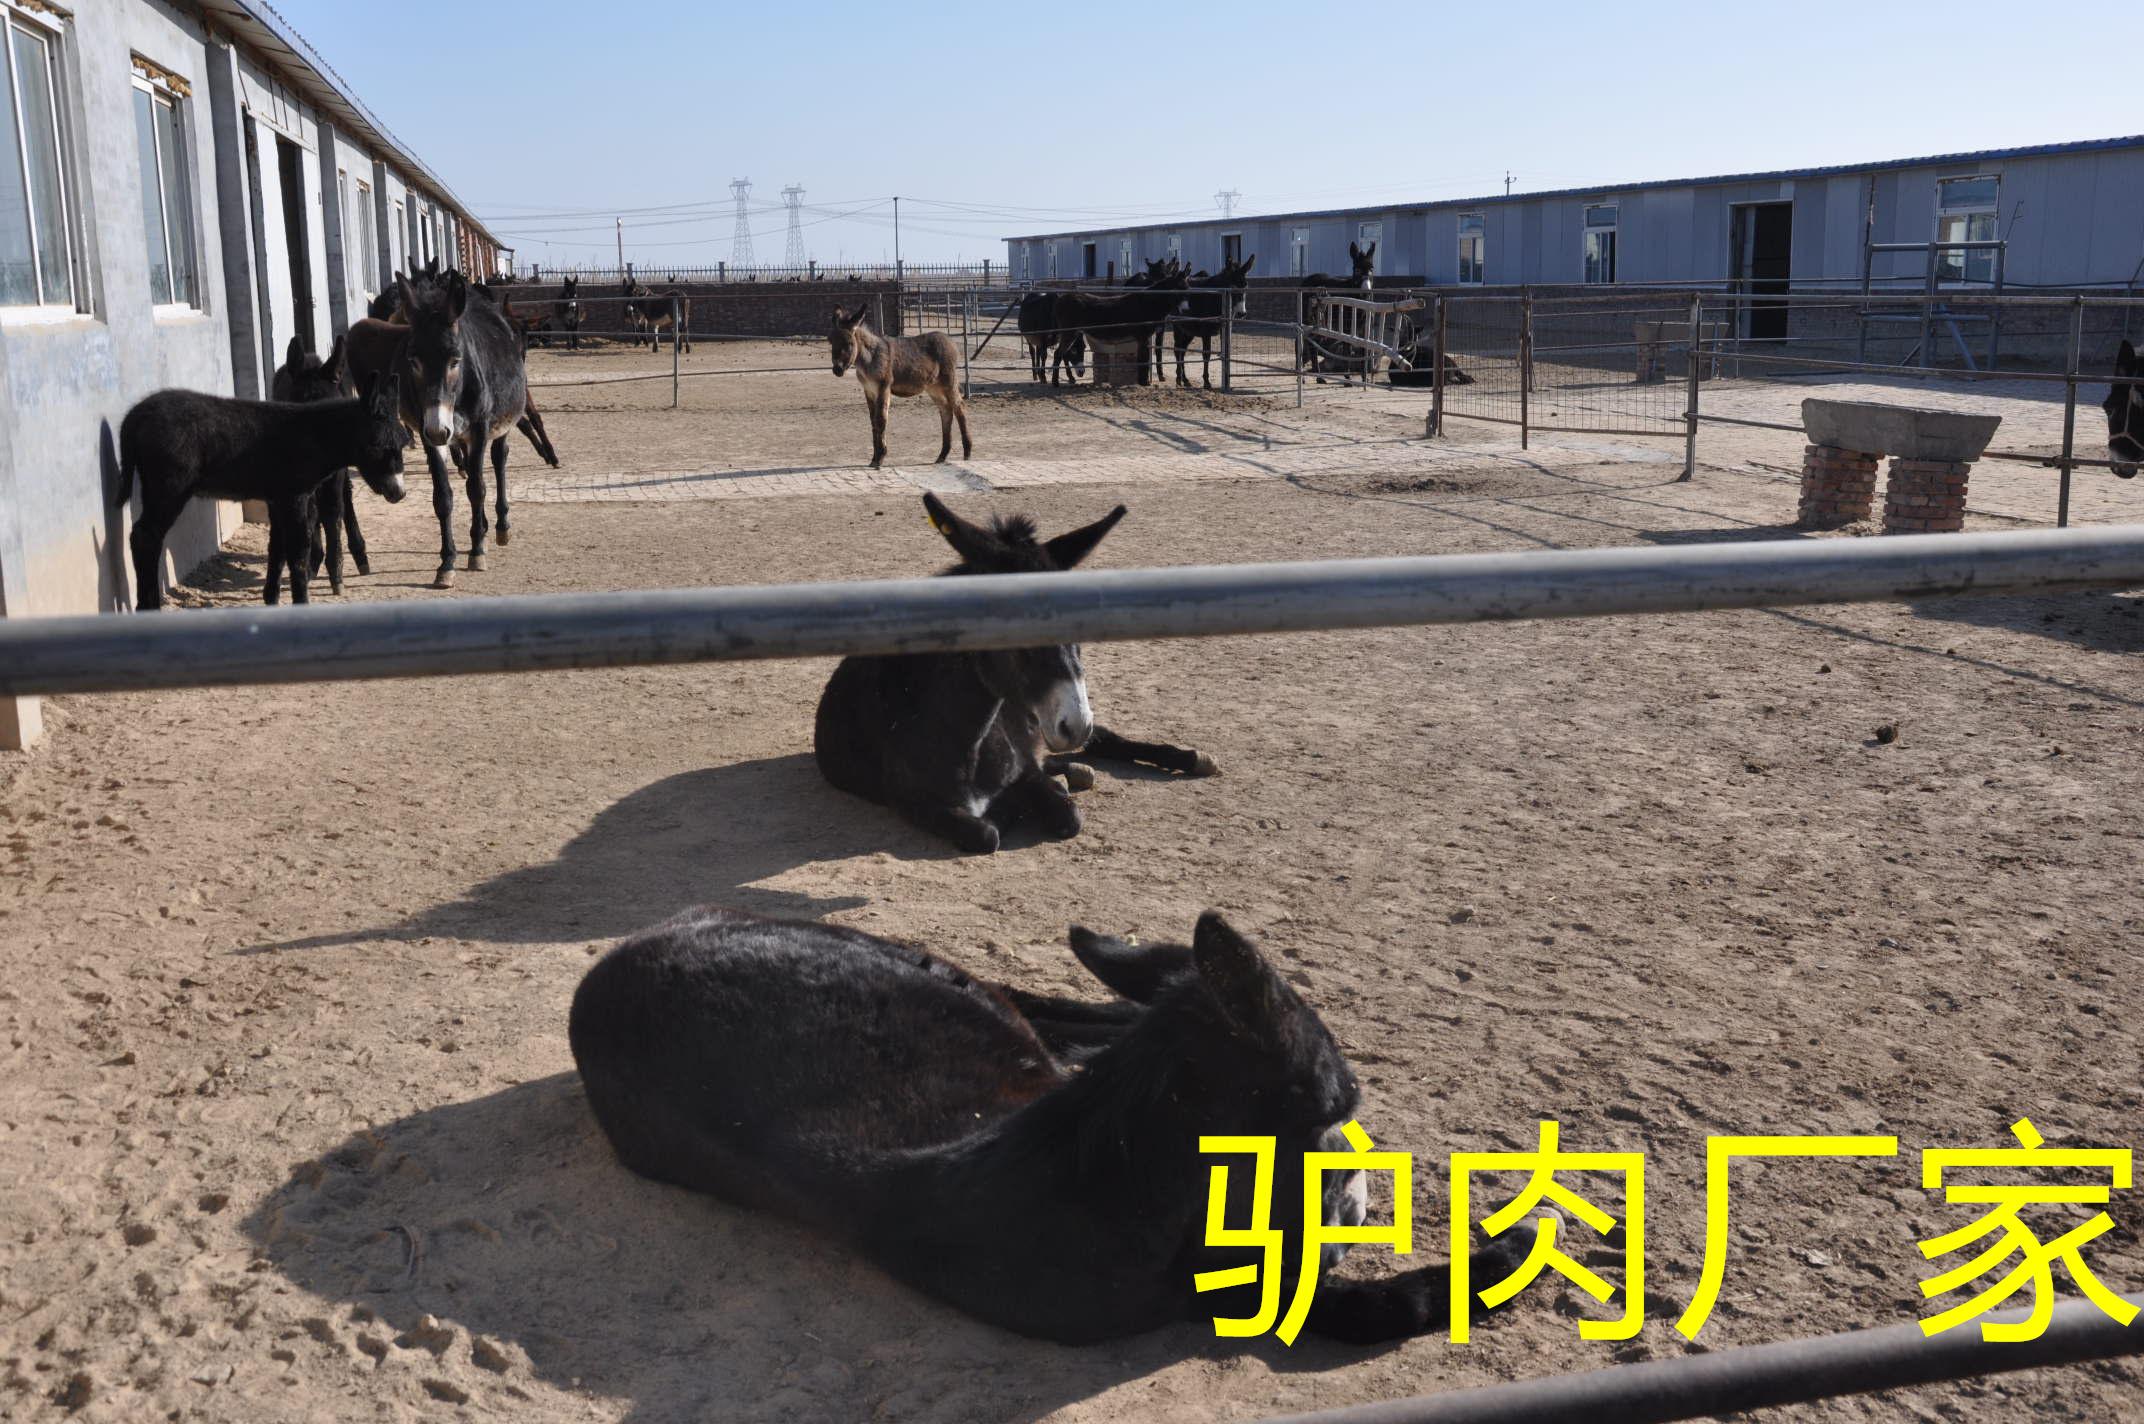 拴嘴驴驴肉厂家用心做优质好驴肉